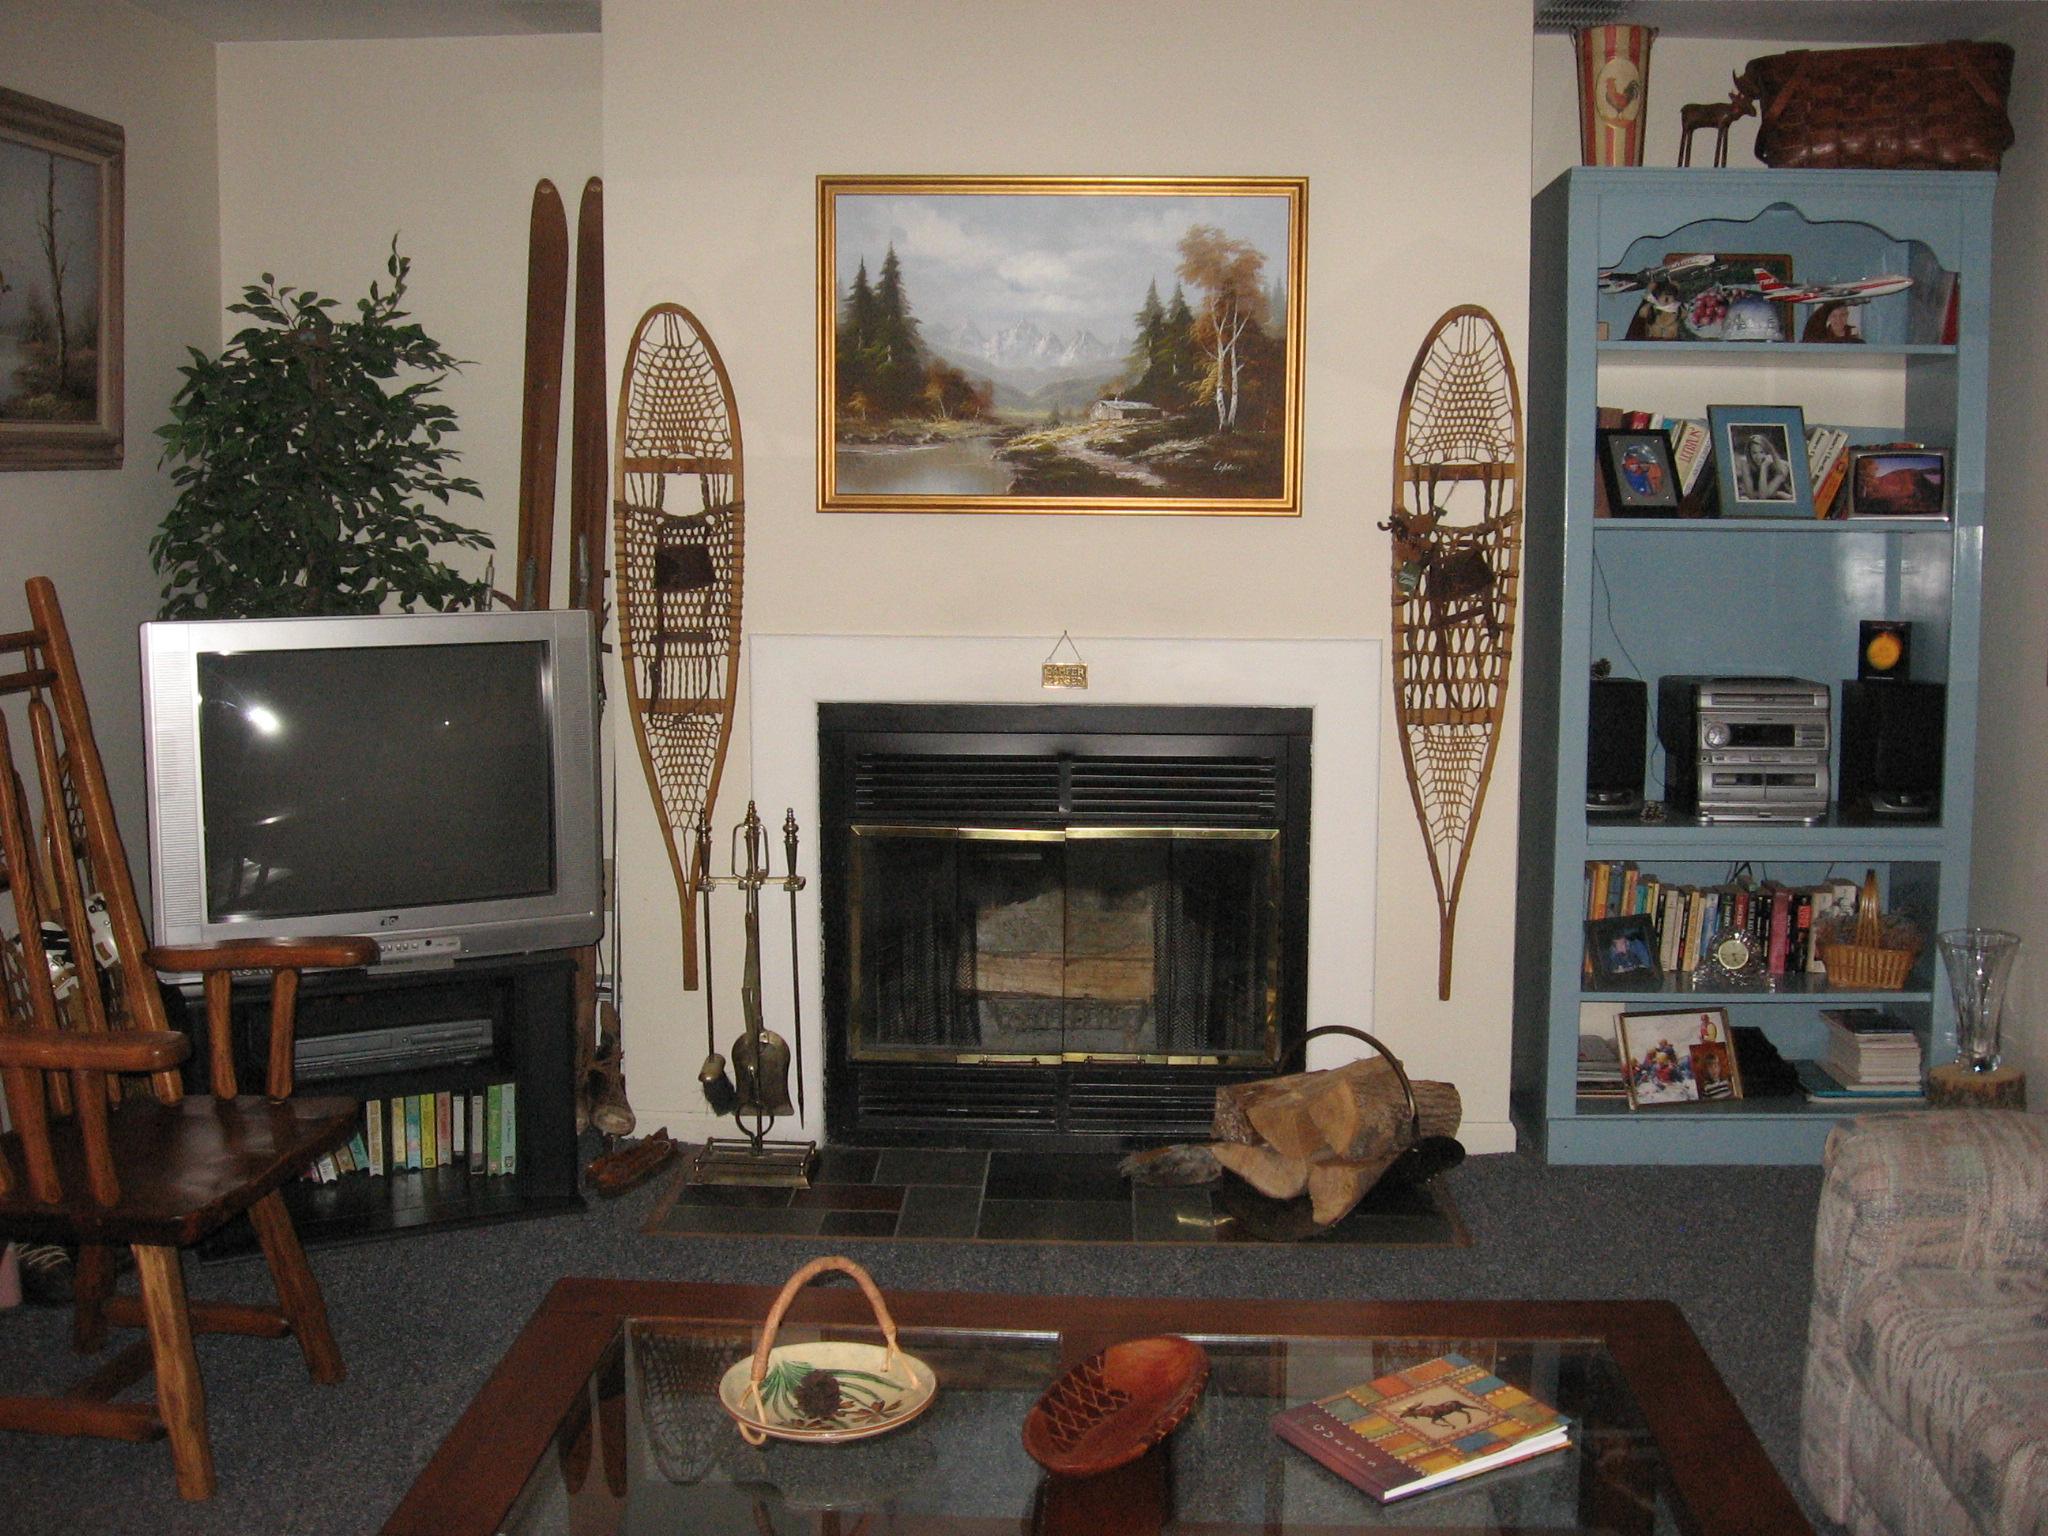 20-N fireplace. jpg.JPG